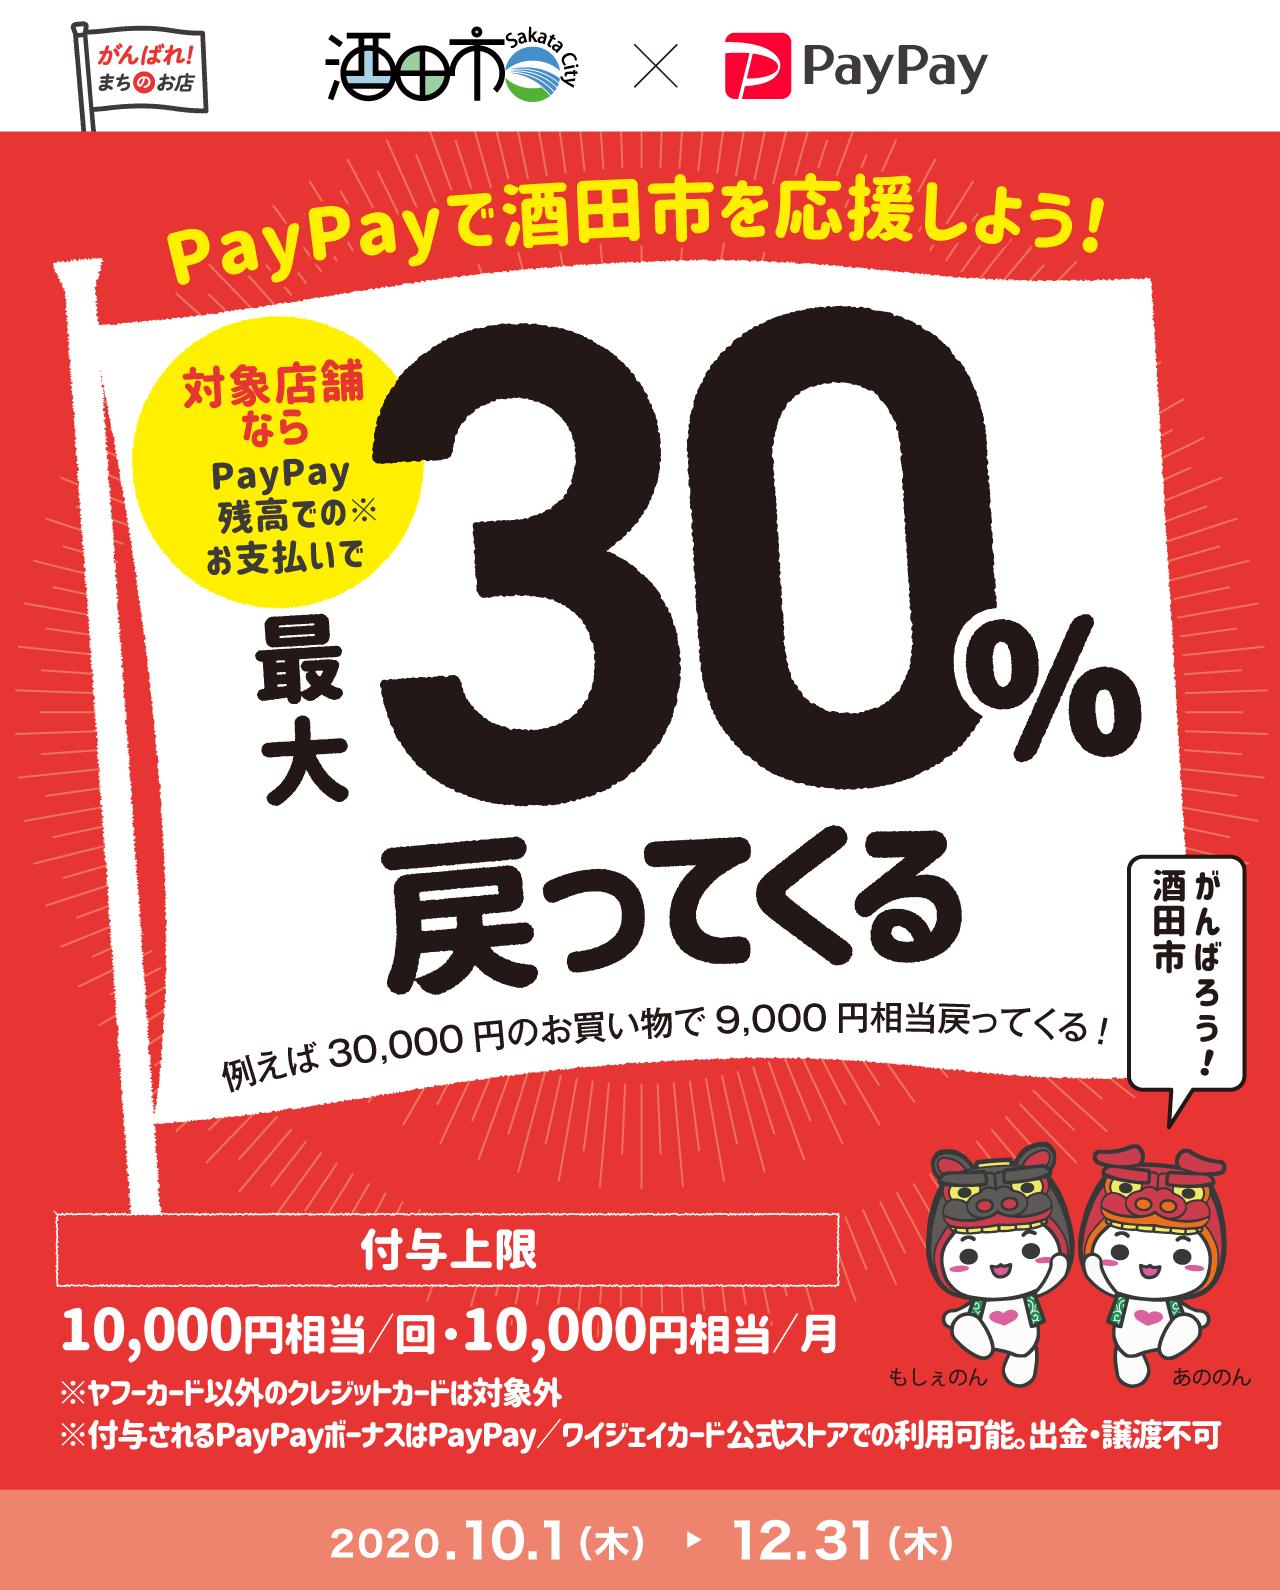 PayPayで酒田市を応援しよう! 対象店舗ならPayPay残高でのお支払いで最大30%戻ってくる 例えば30,000円のお買い物で9,000円相当戻ってくる!